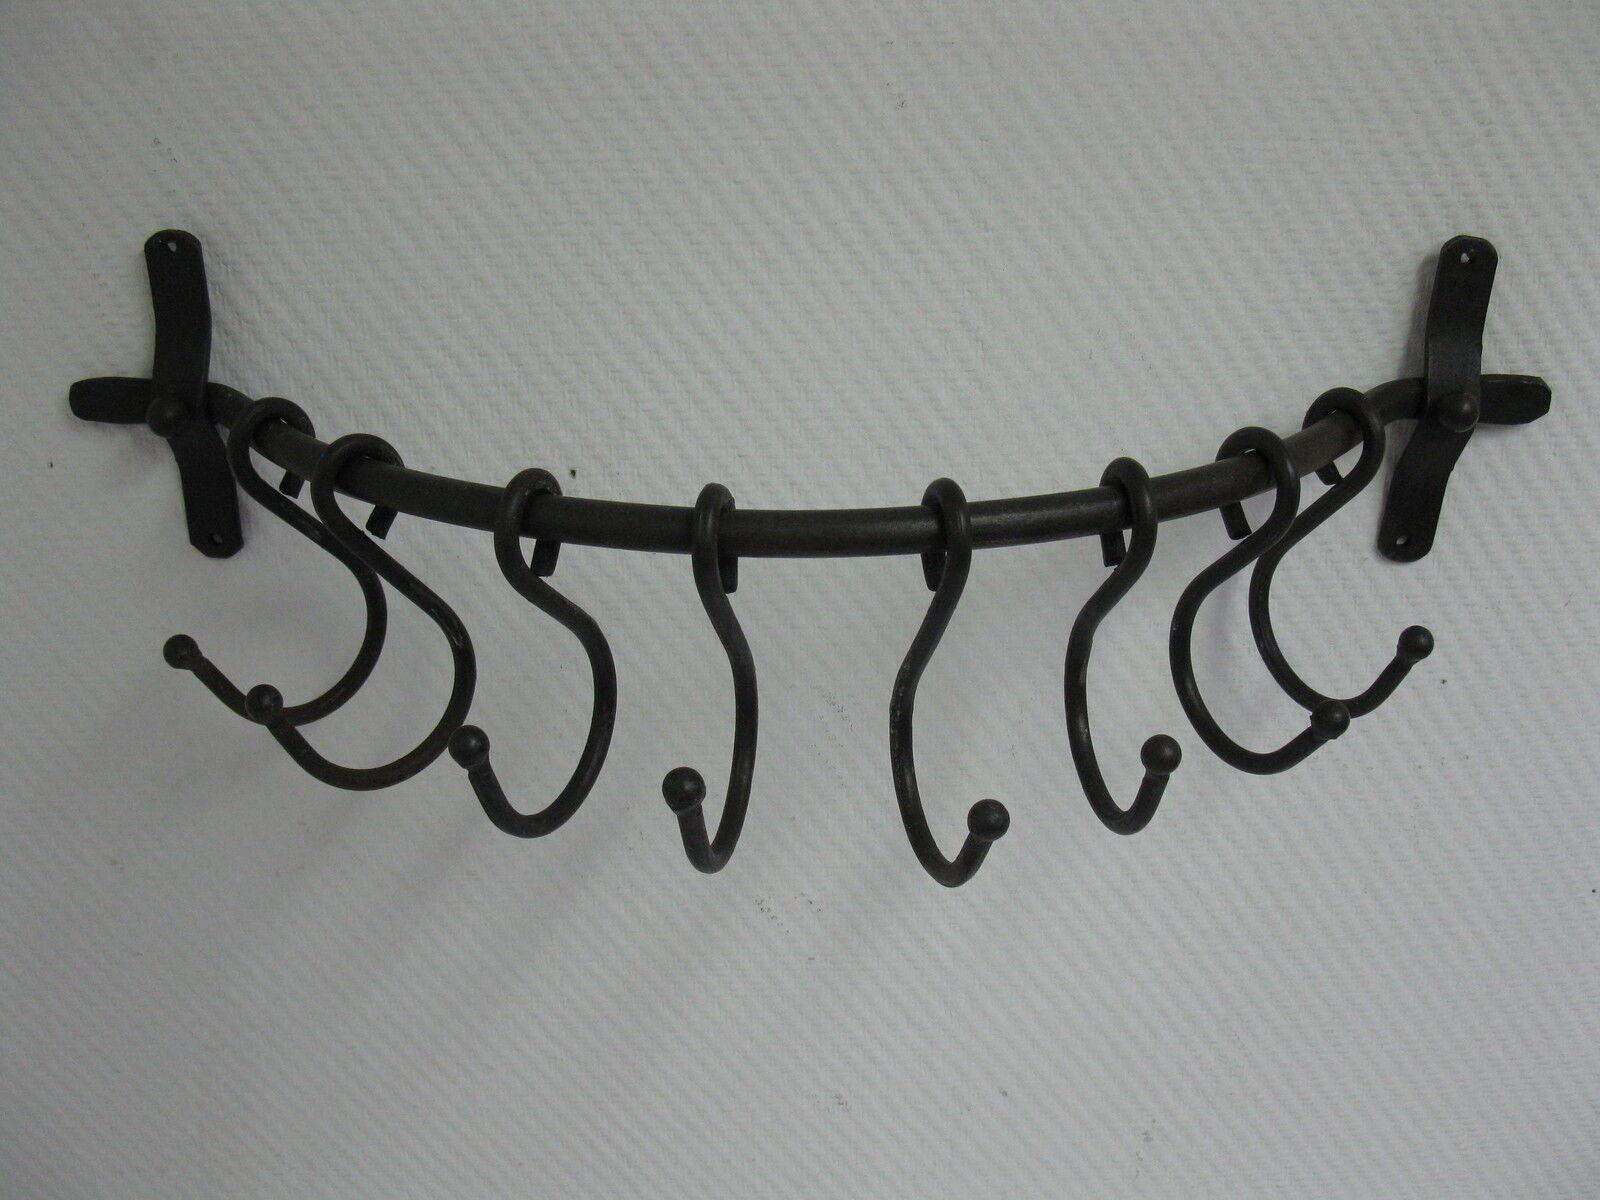 Wandgarderobe Wandgarderobe Wandgarderobe Handtuchhalter Metall Landhausstil  63 cm handgeschmiedet Loft 139698